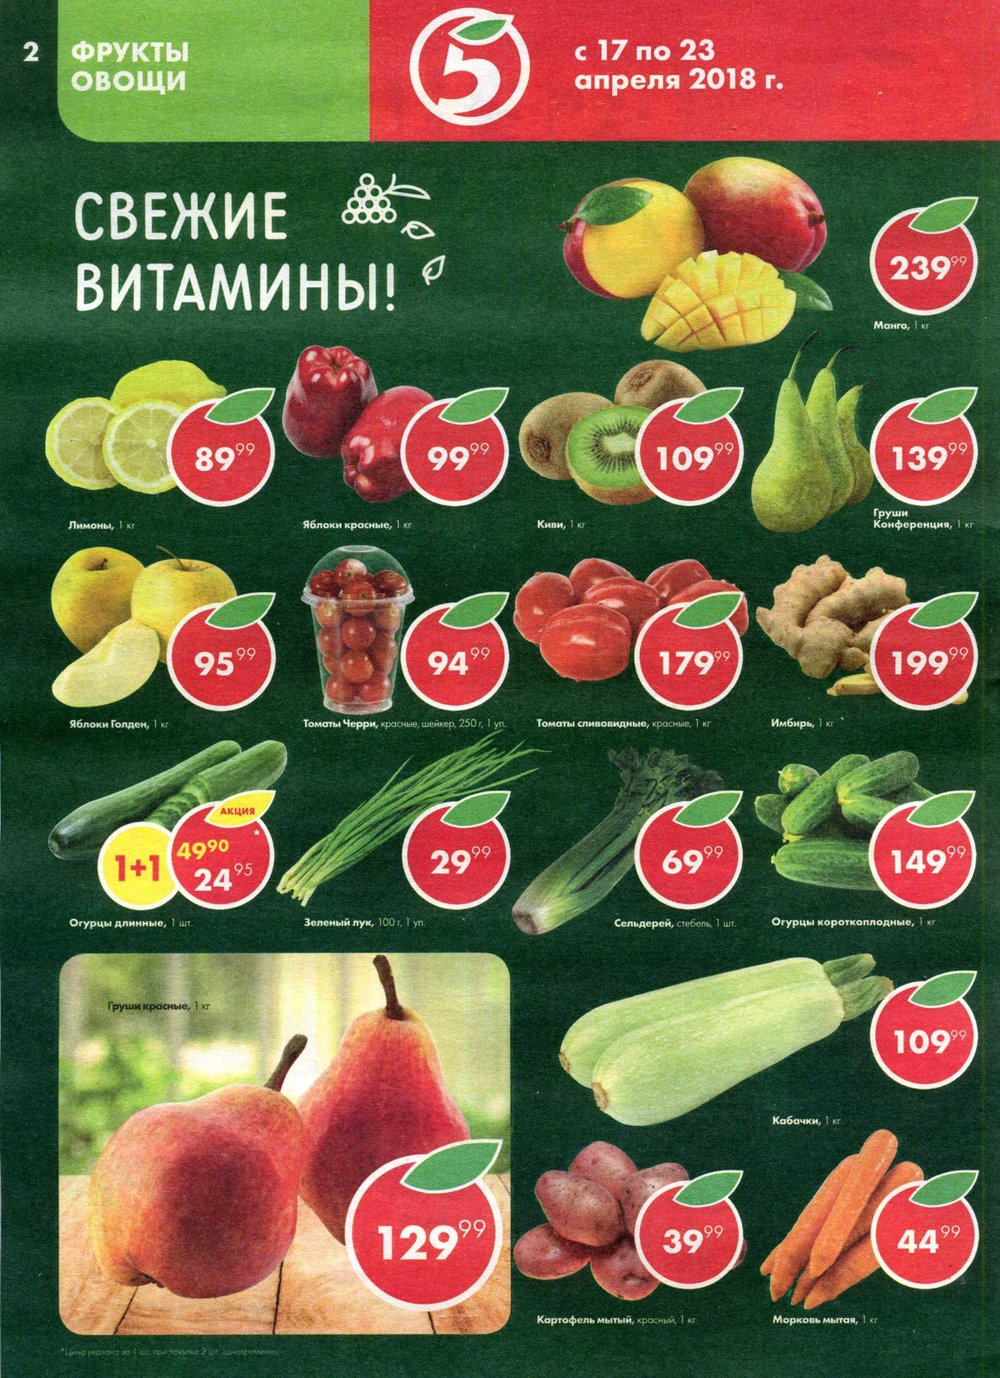 Каталог акций Пятерочка с 17 по 23 апреля 2018 - стр. 2